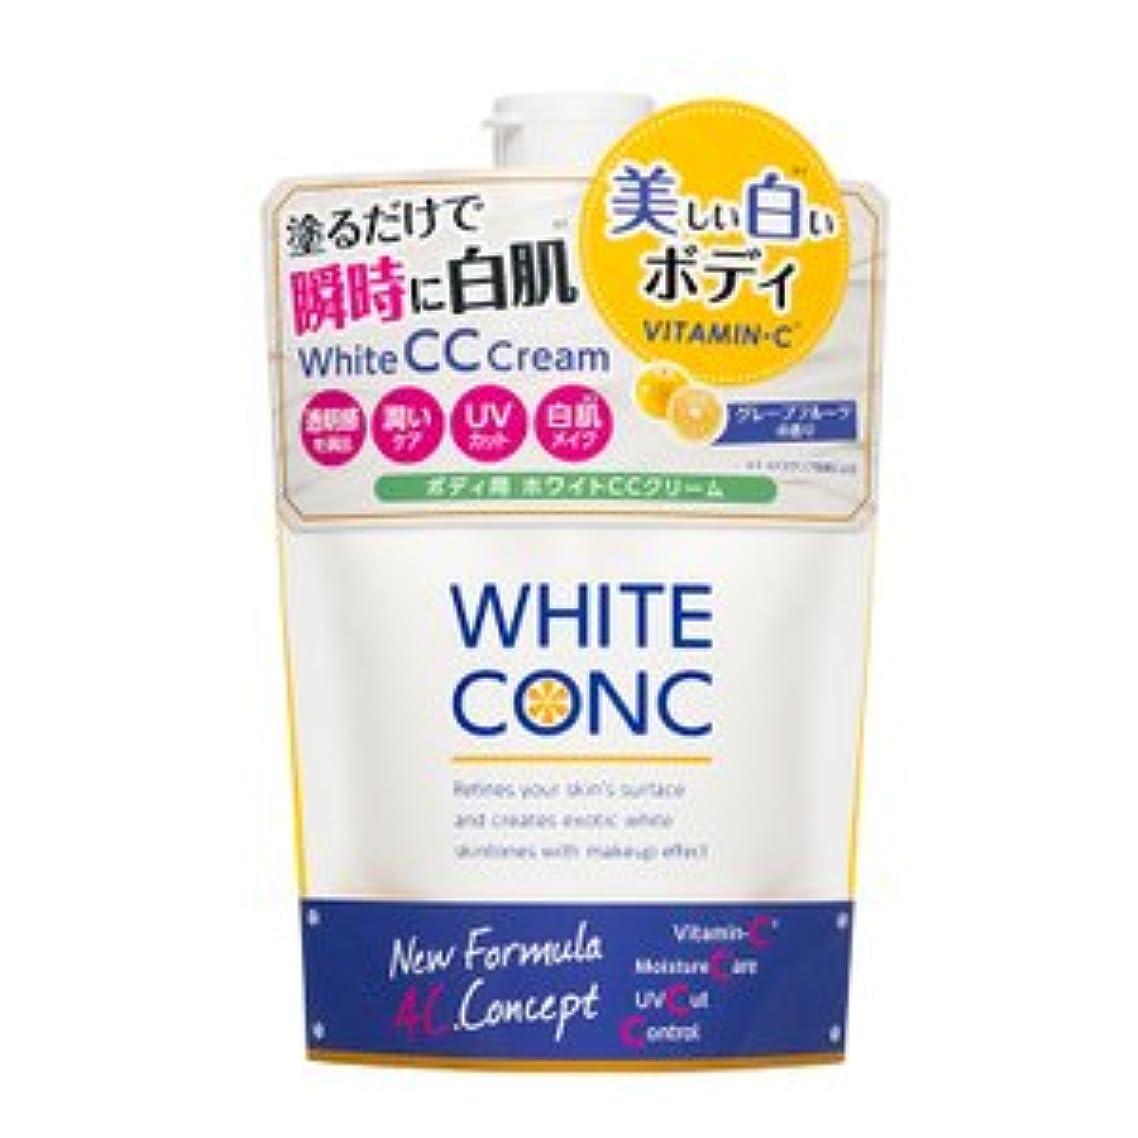 どちらかバイパス中断薬用ホワイトコンクホワイトCCクリーム 200g